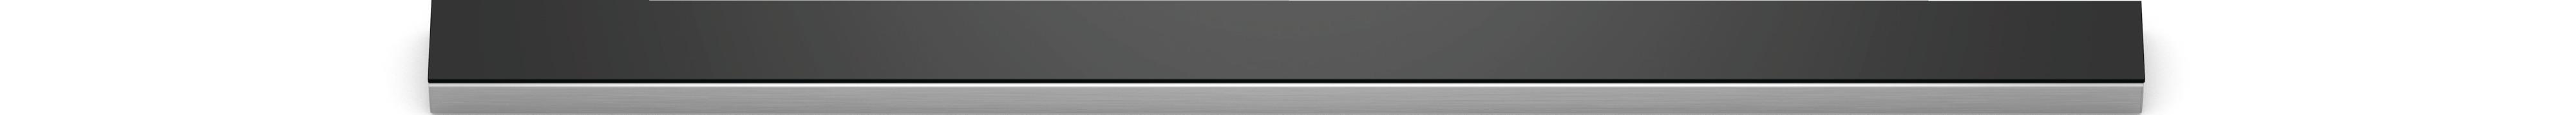 Bosch DSZ4656 Afzuigkap accessoire